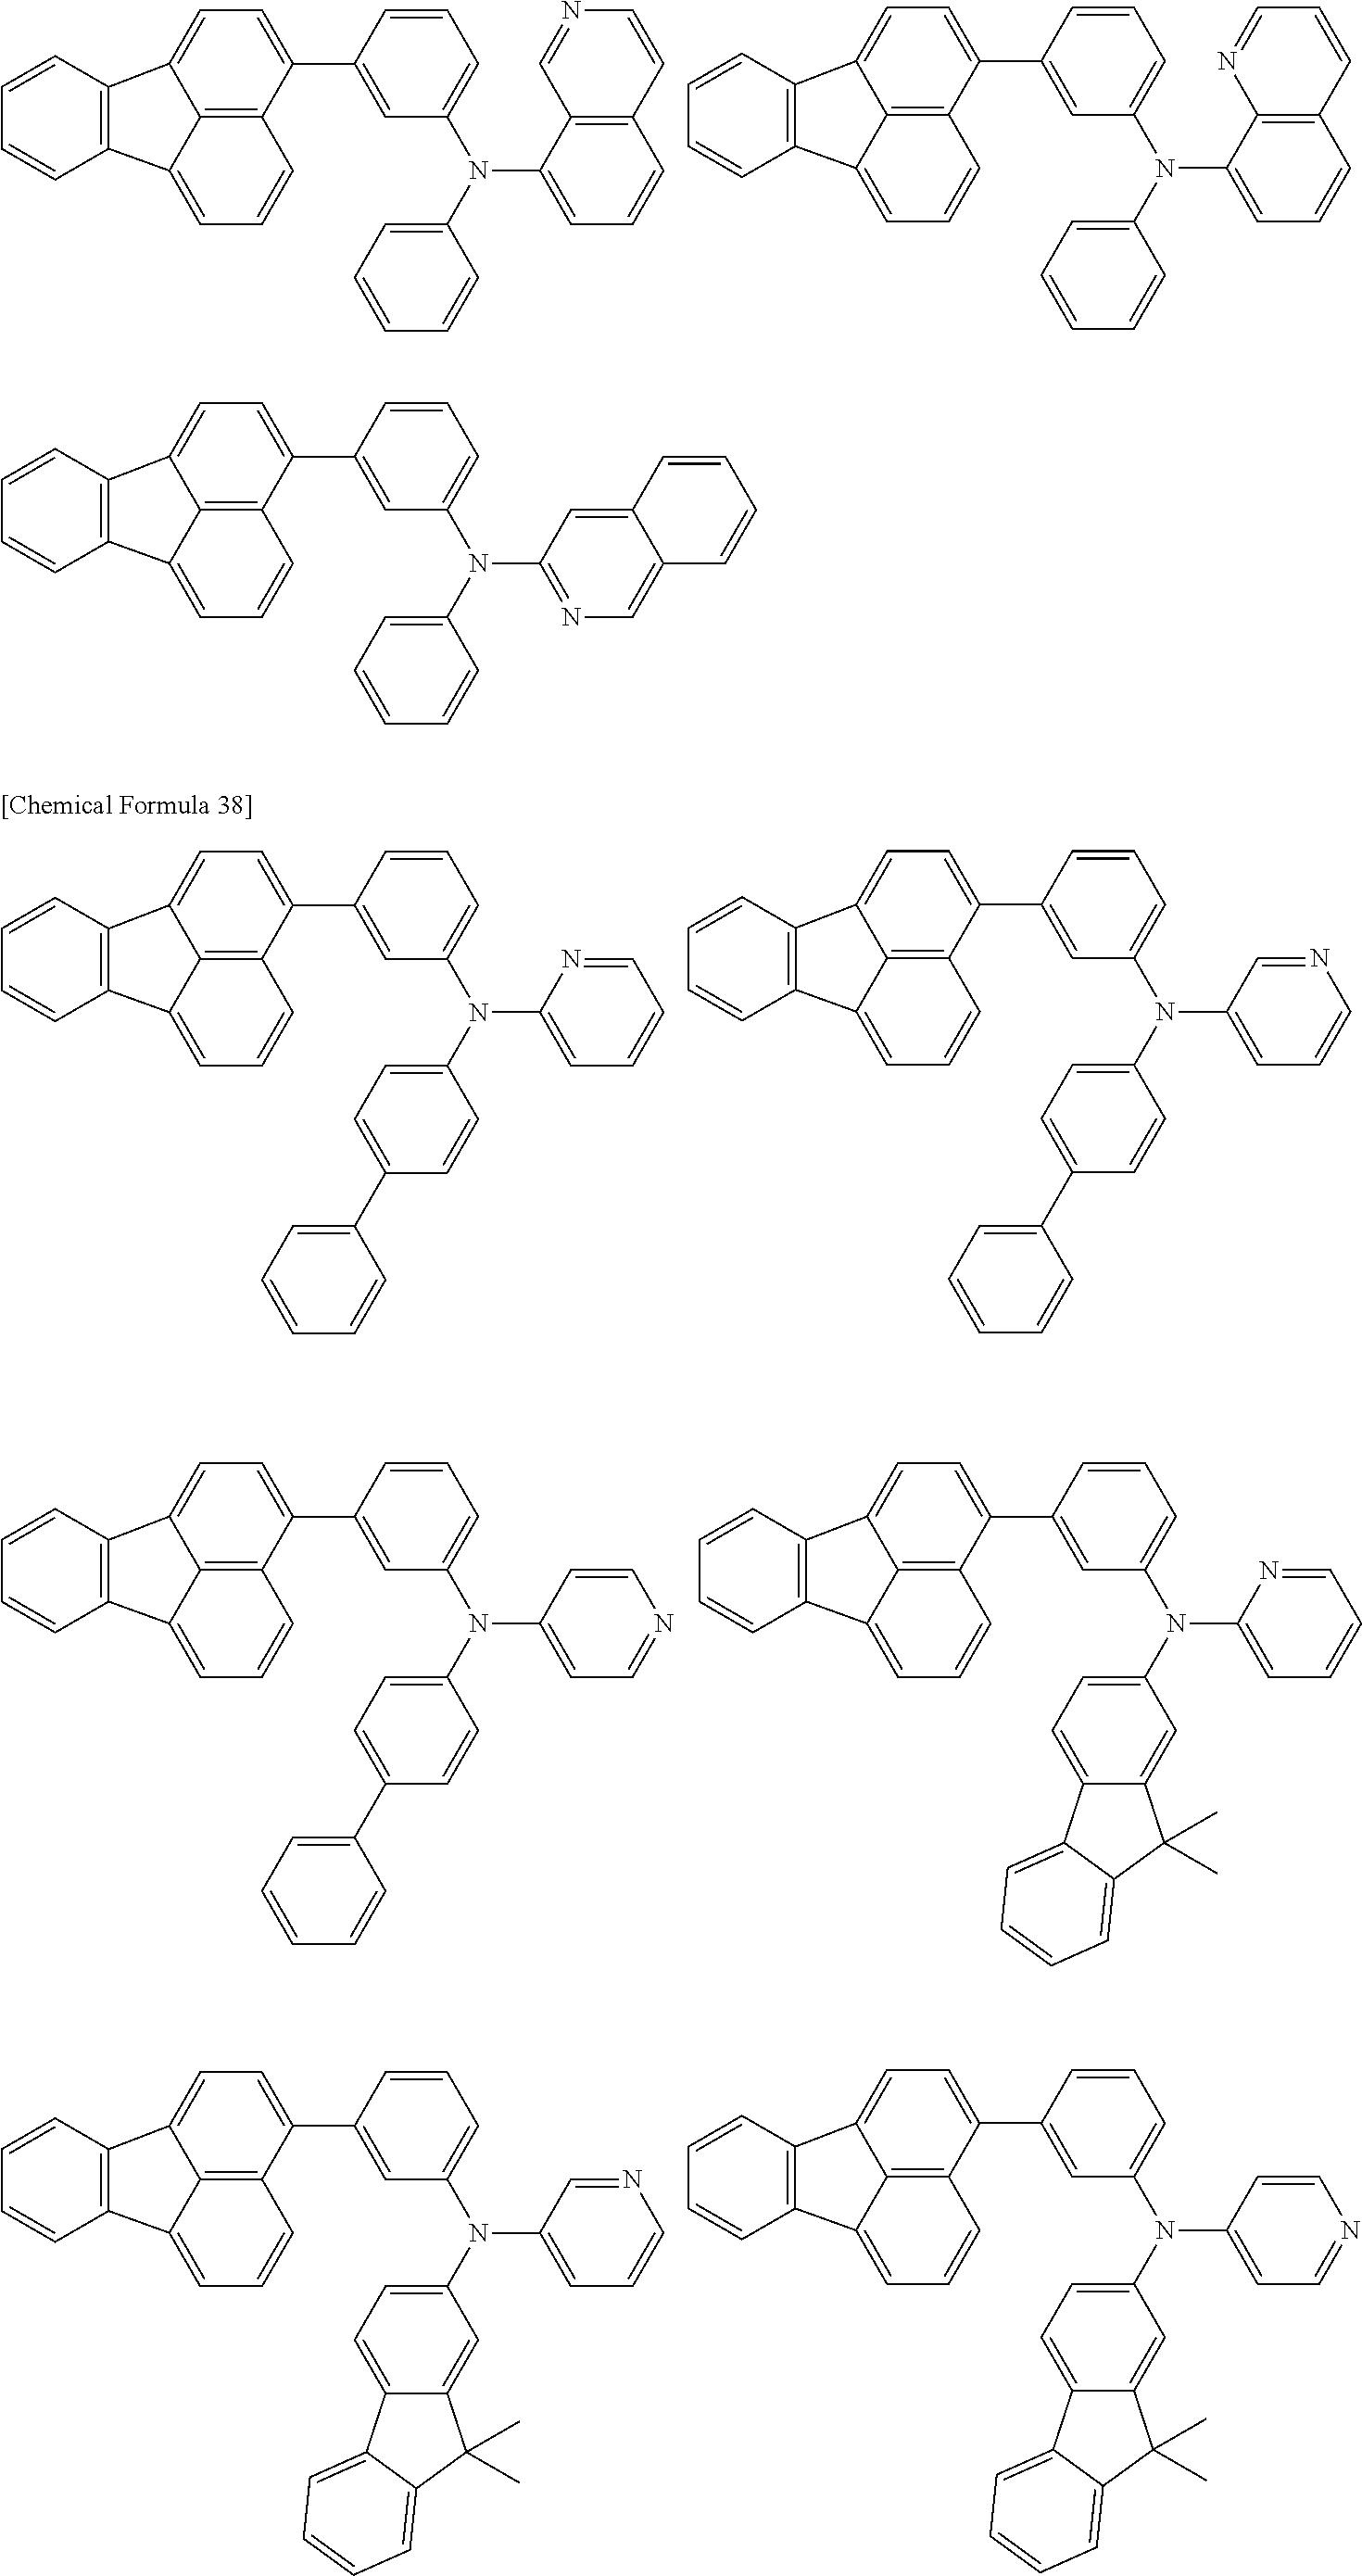 Figure US20150280139A1-20151001-C00095